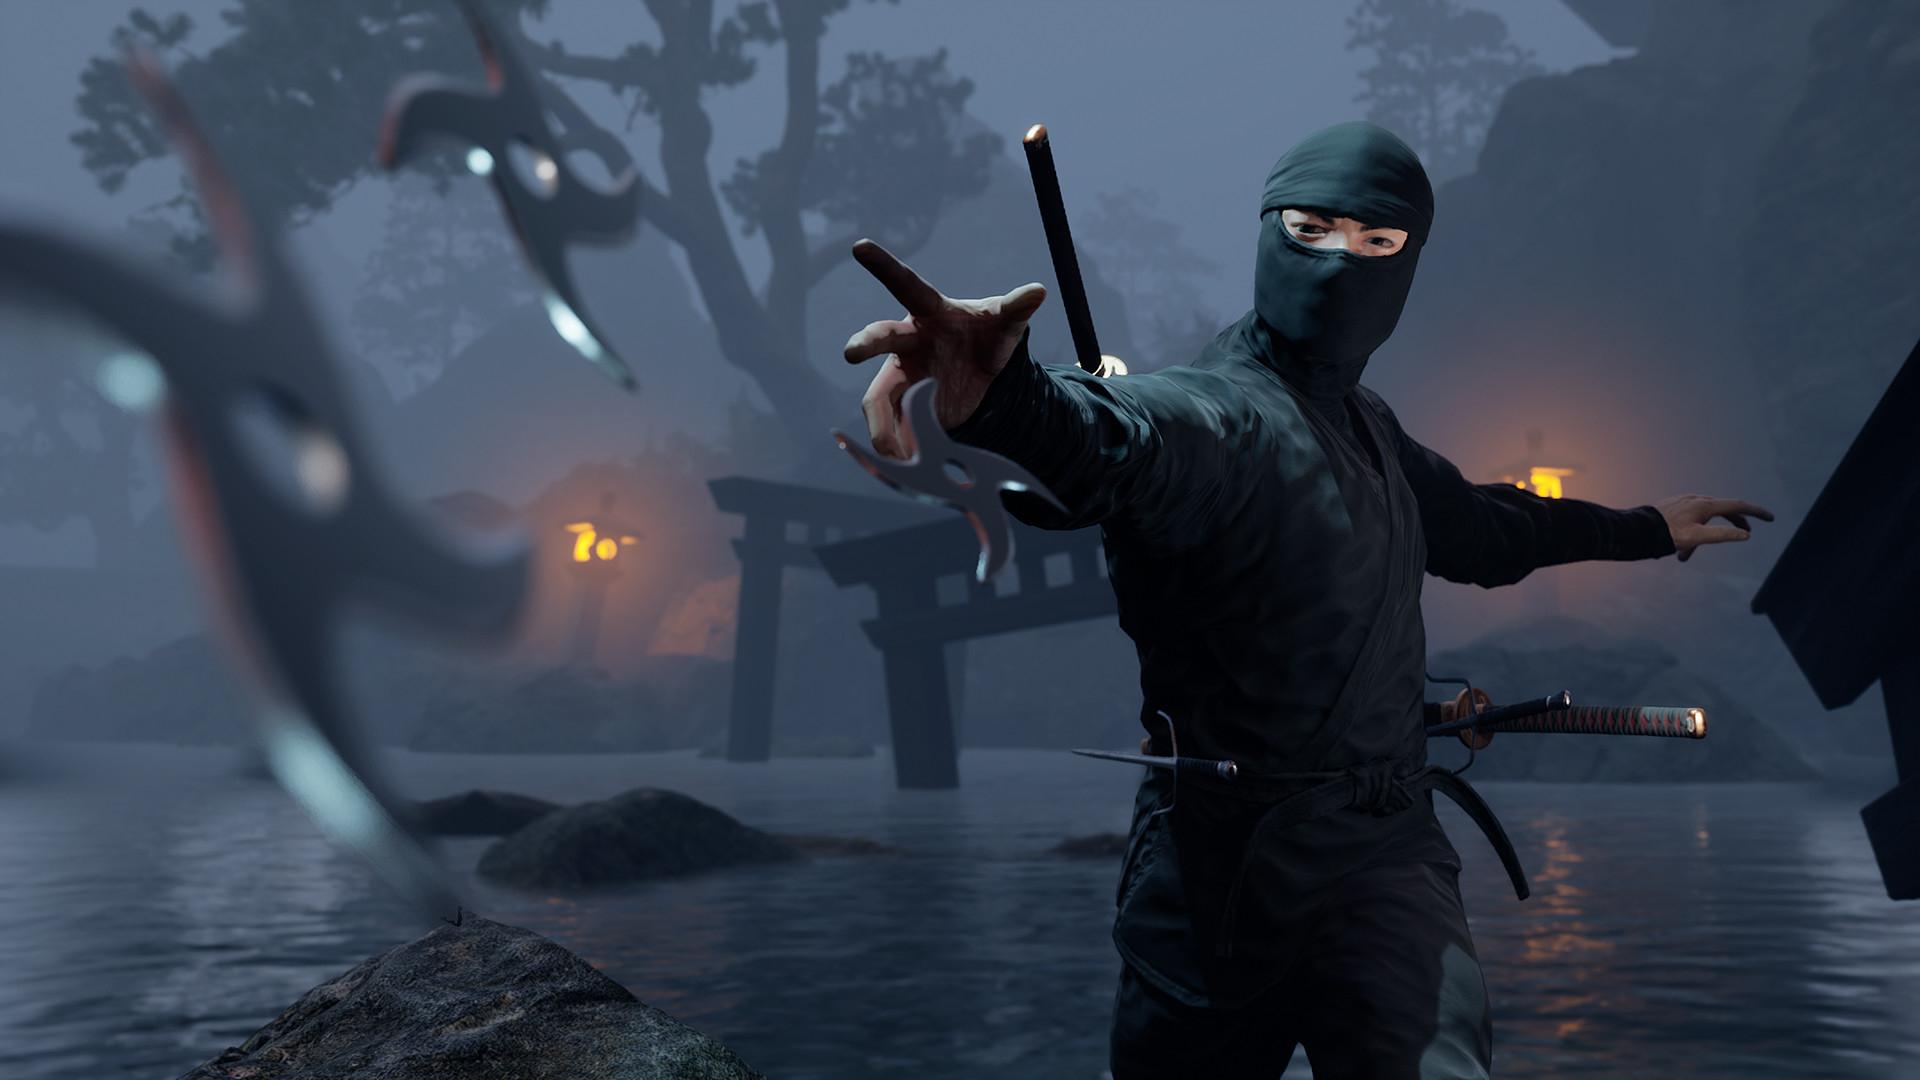 Постер Ninja Simulator